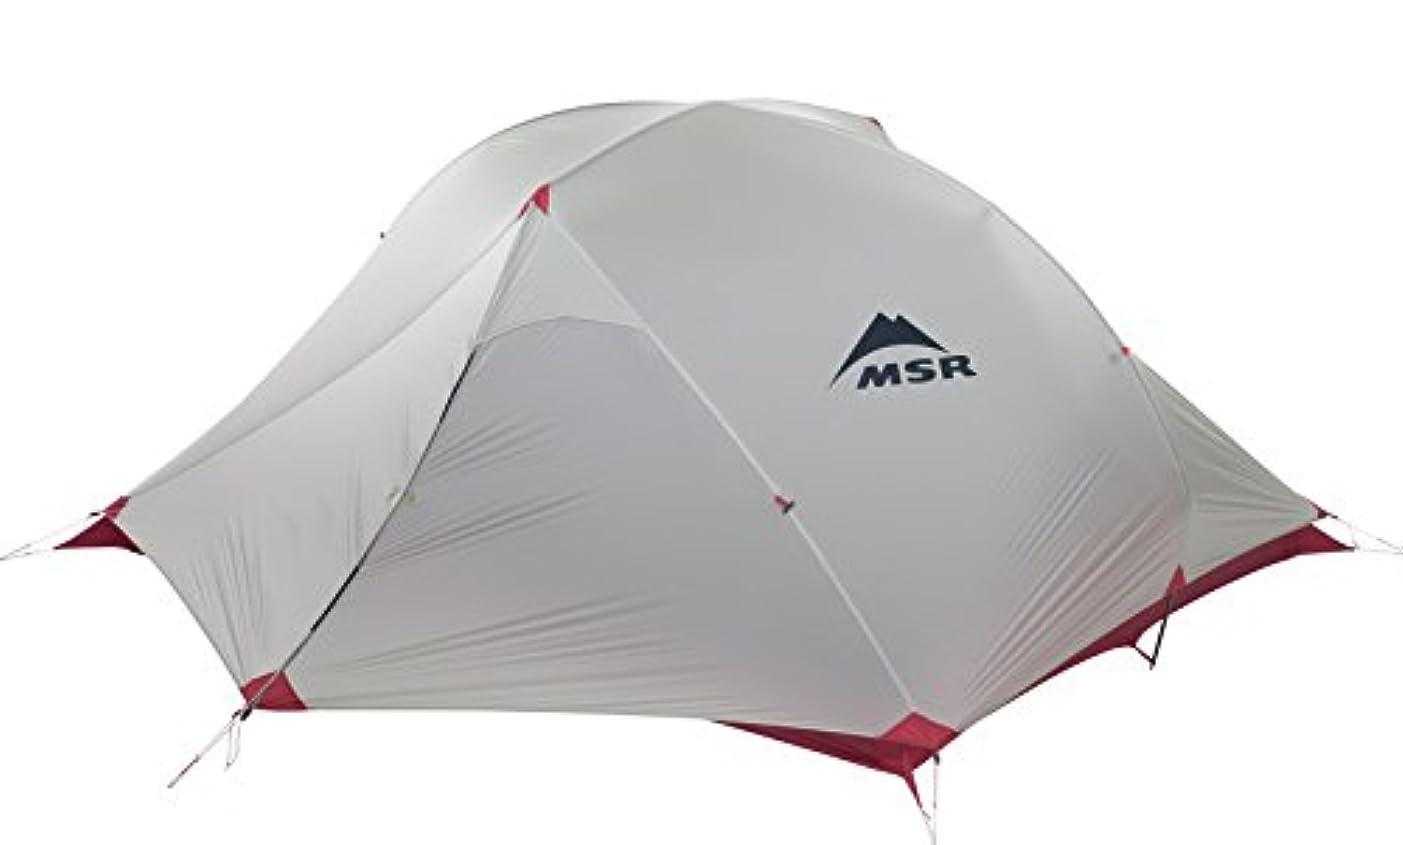 監査決定的進化MSR テント Carbon Reflex 3 カーボンリフレックス3 [3人用] 【日本正規品】 37838